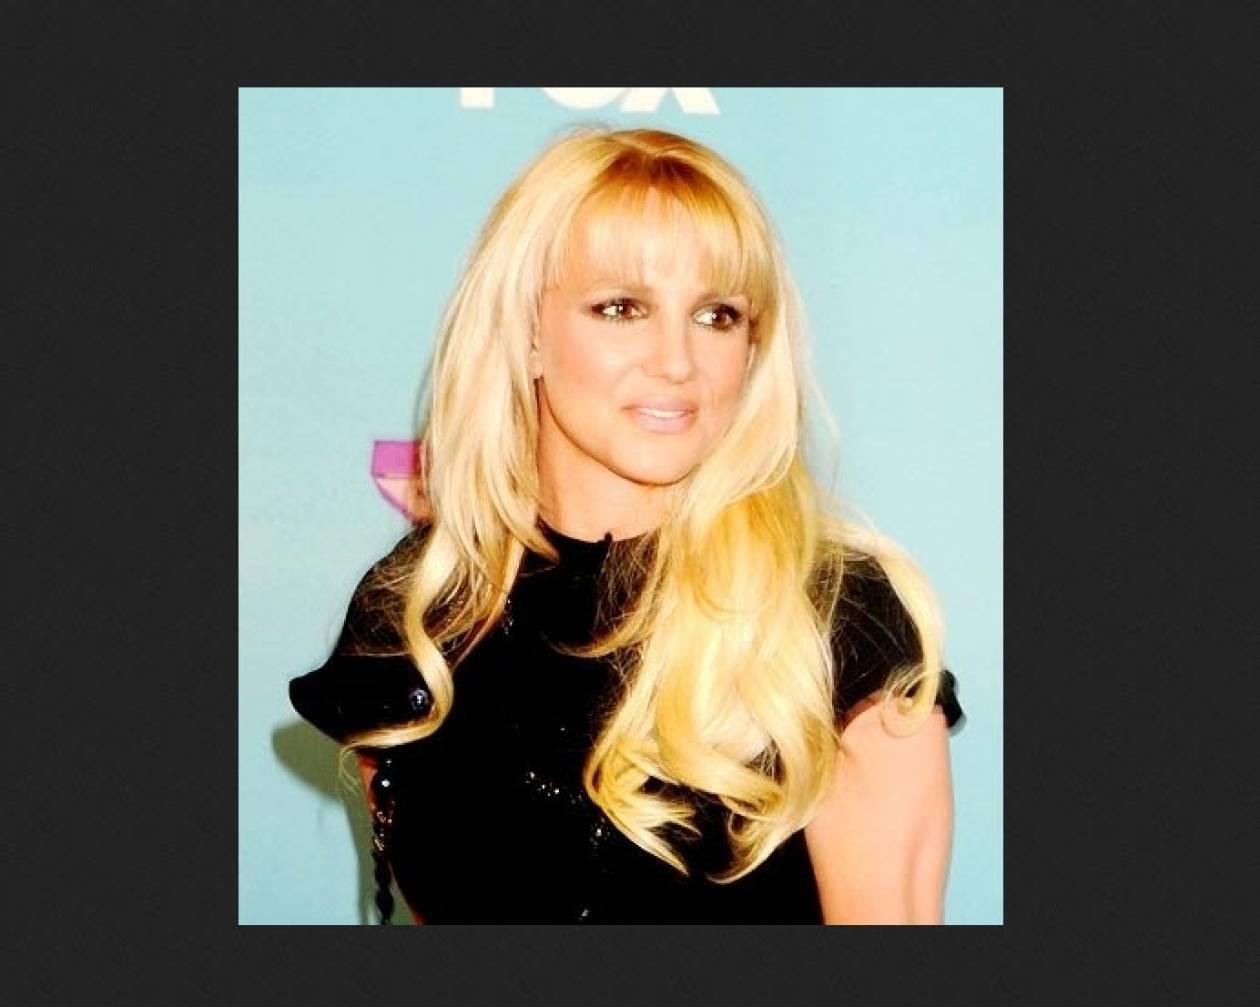 Ποιο αστρονομικό πoσό θα λάβει η Britney για να εμφανιστεί στο Vegas